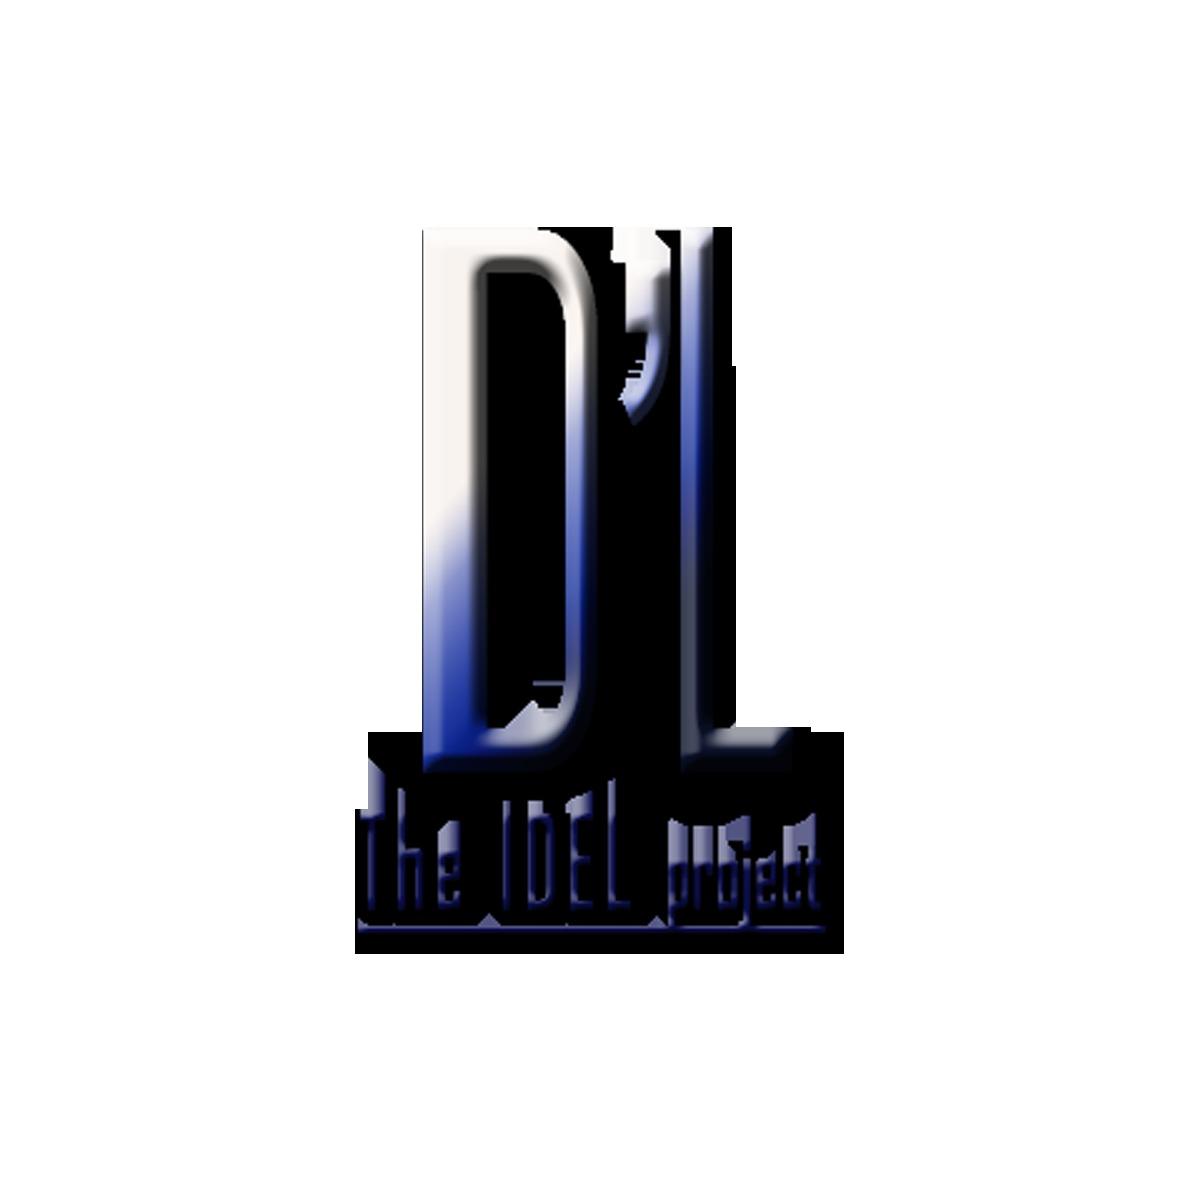 Logo de IDEL project